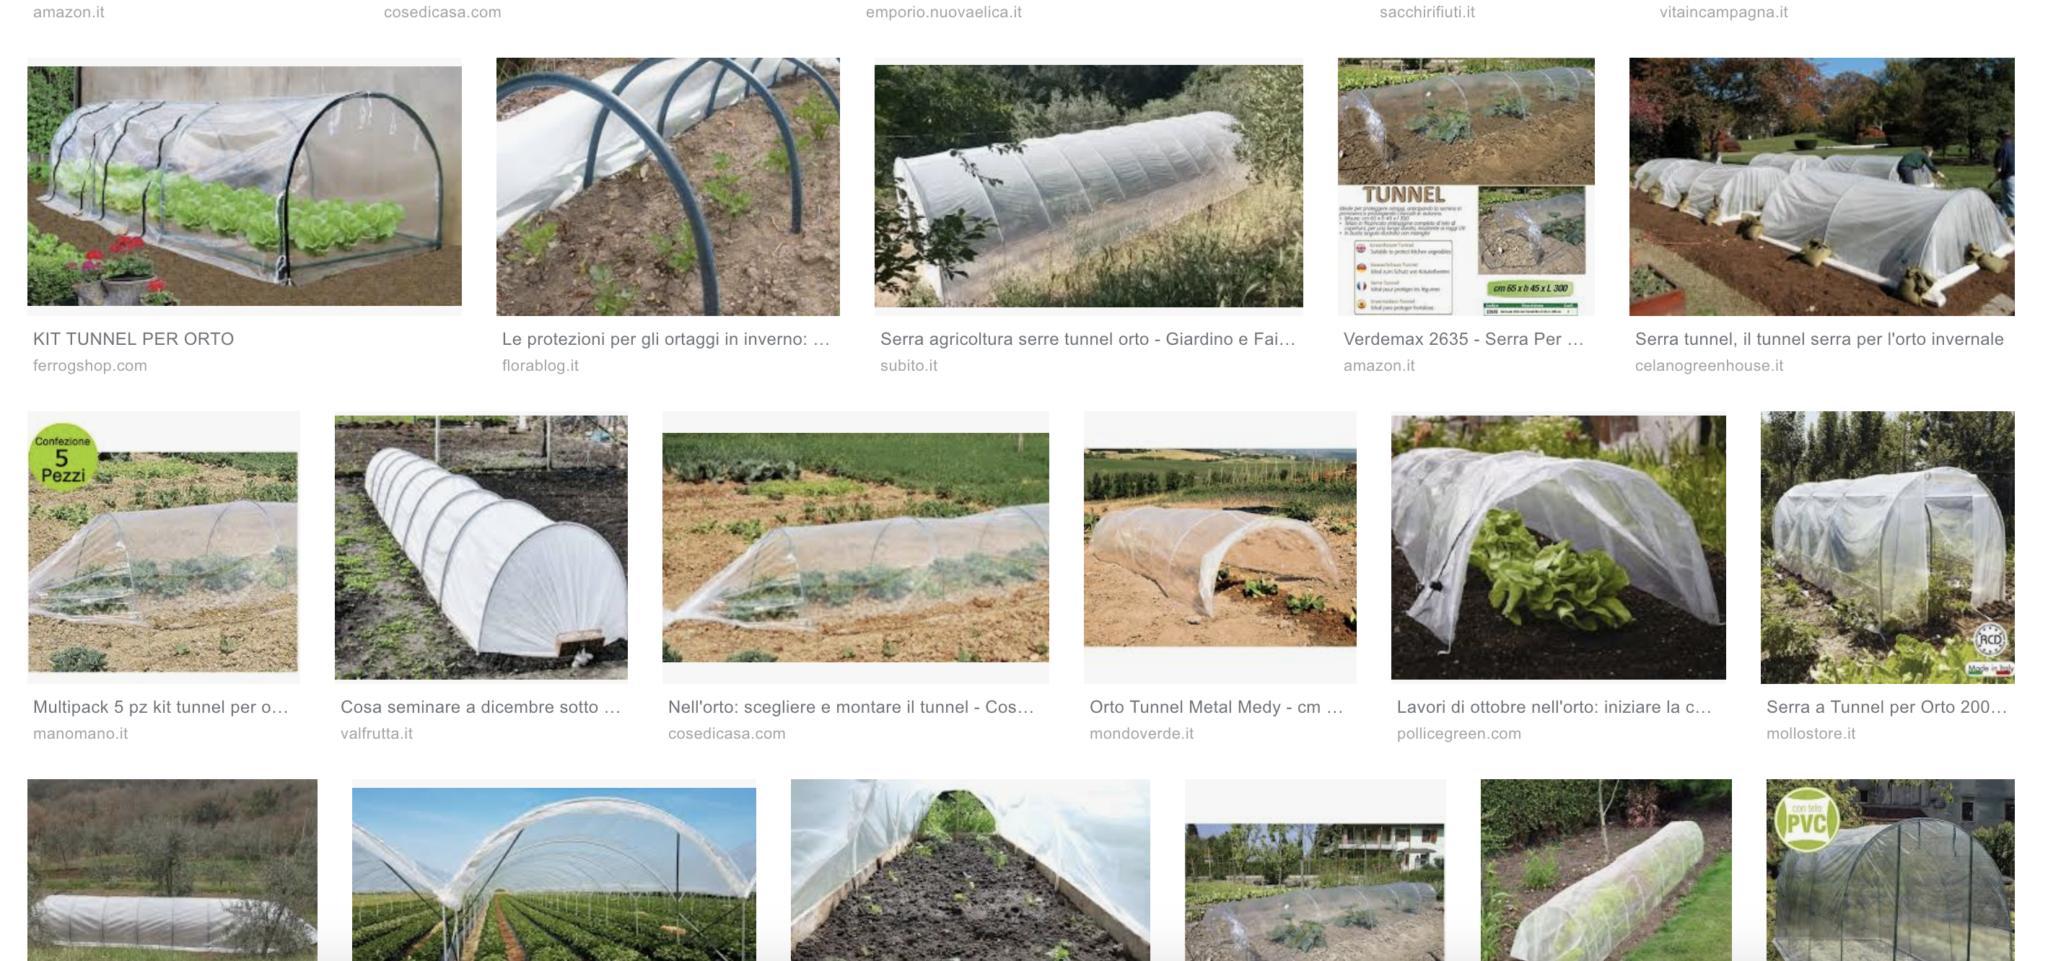 Tunnel Plastica Per Ortaggi.Il Tunnel Per L Orto Cos E E Come Funziona Viziato It